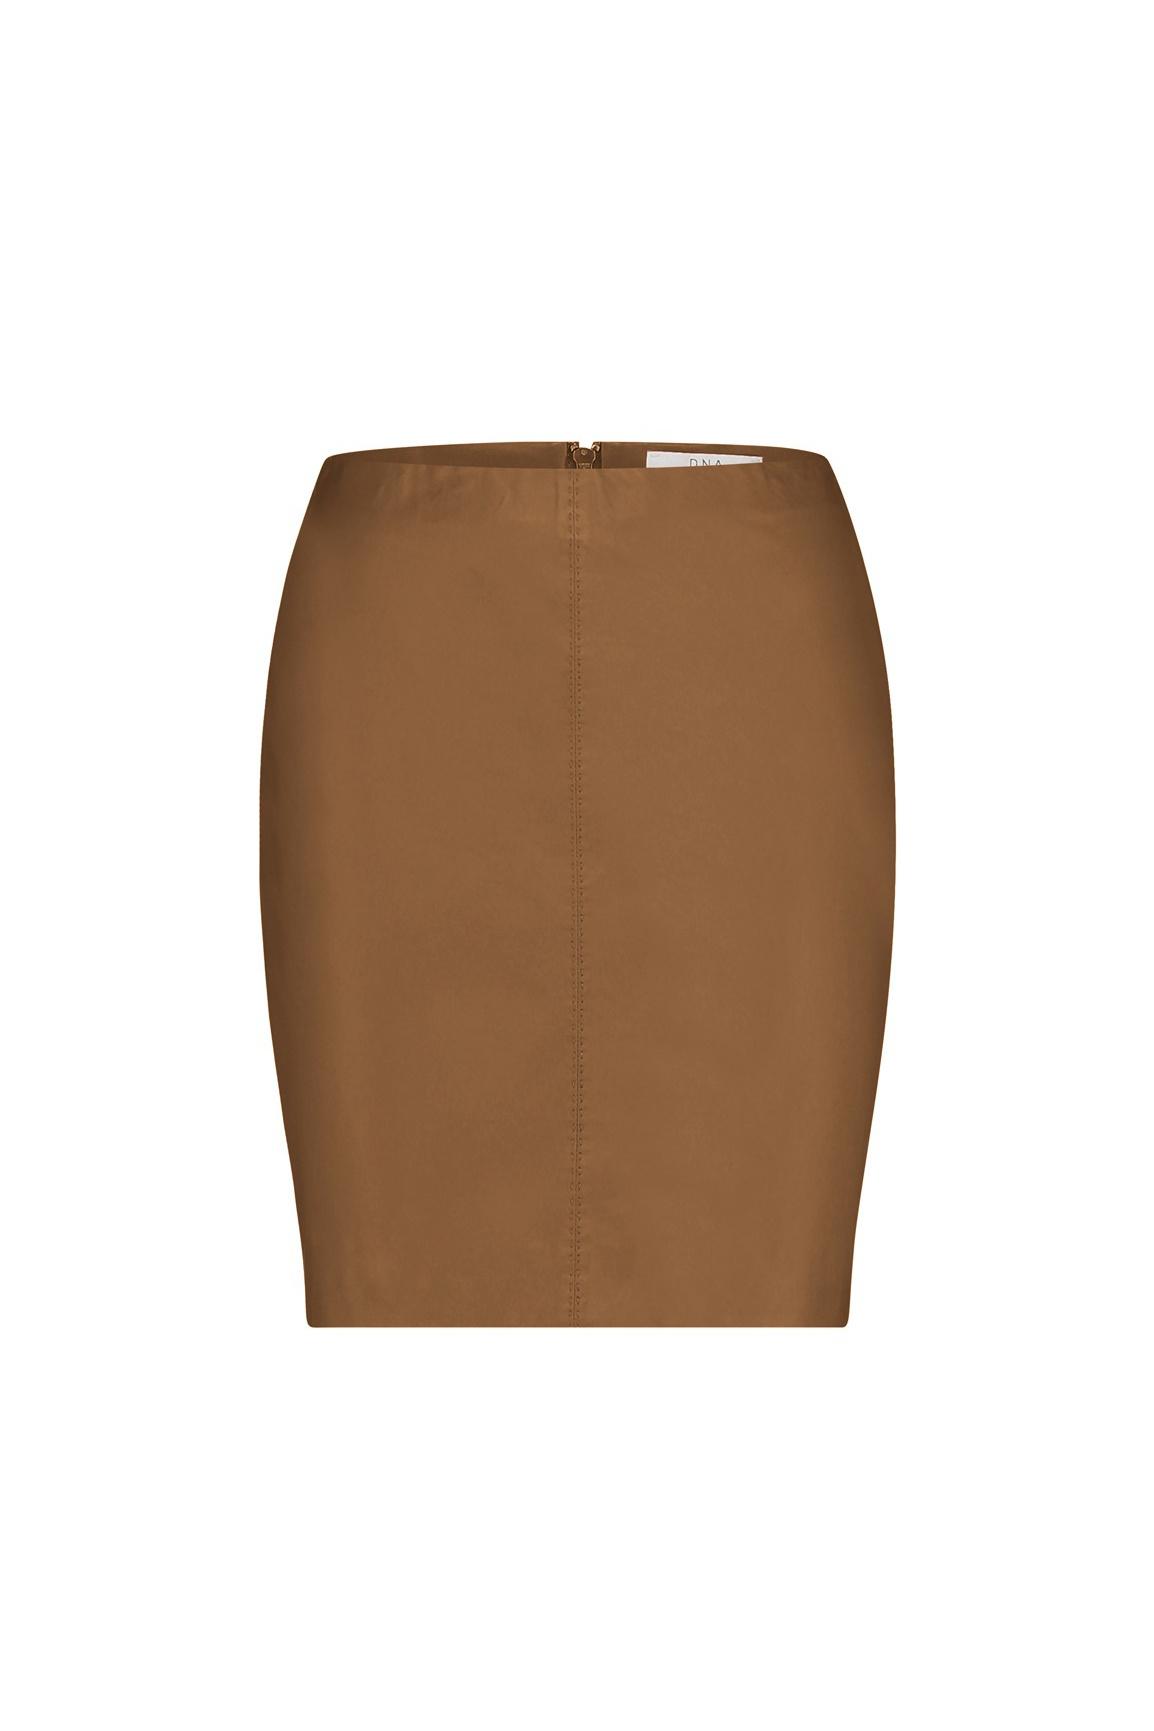 Senna Leather Skirt - Cognac-1